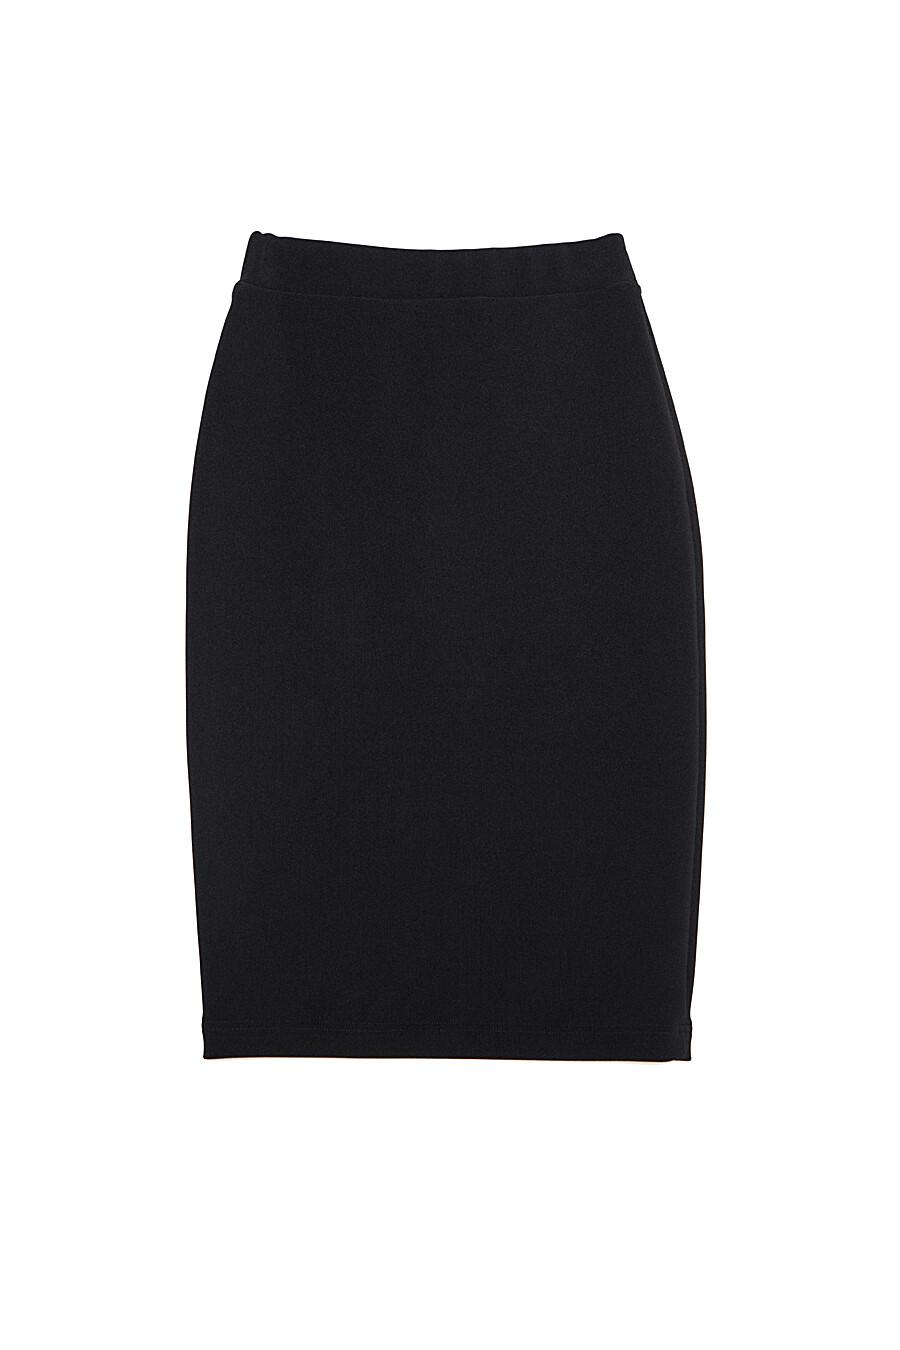 Юбка для женщин CONTE ELEGANT 148623 купить оптом от производителя. Совместная покупка женской одежды в OptMoyo